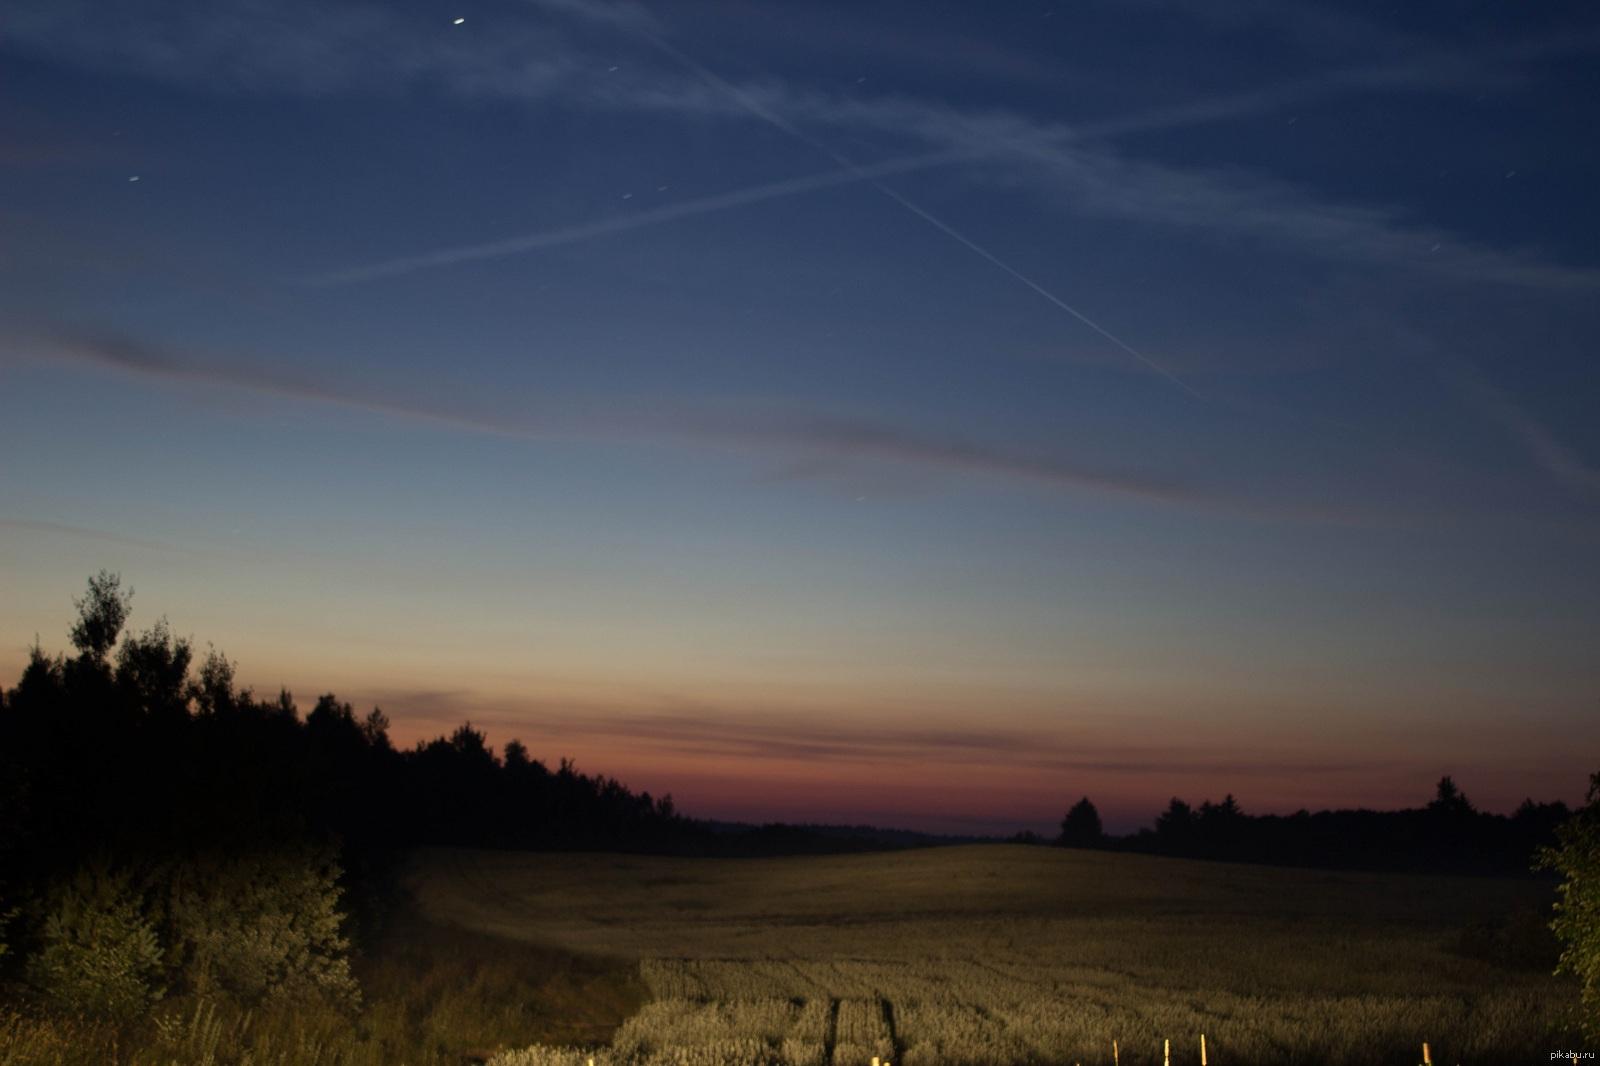 картинки ночью в поле звезд благодать небоскреб, да-да денег